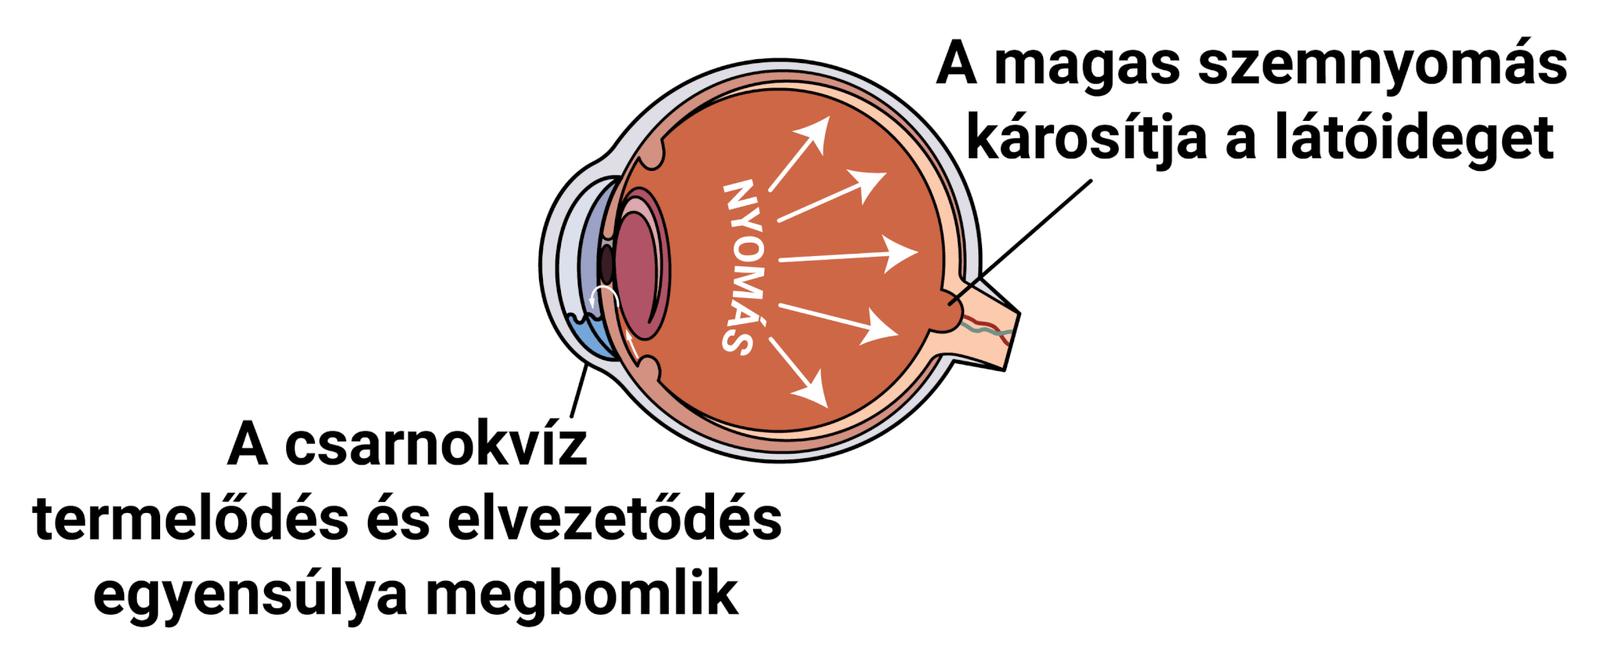 hogyan lehet megakadályozni a látás csökkenését A vizin befolyásolja a látást